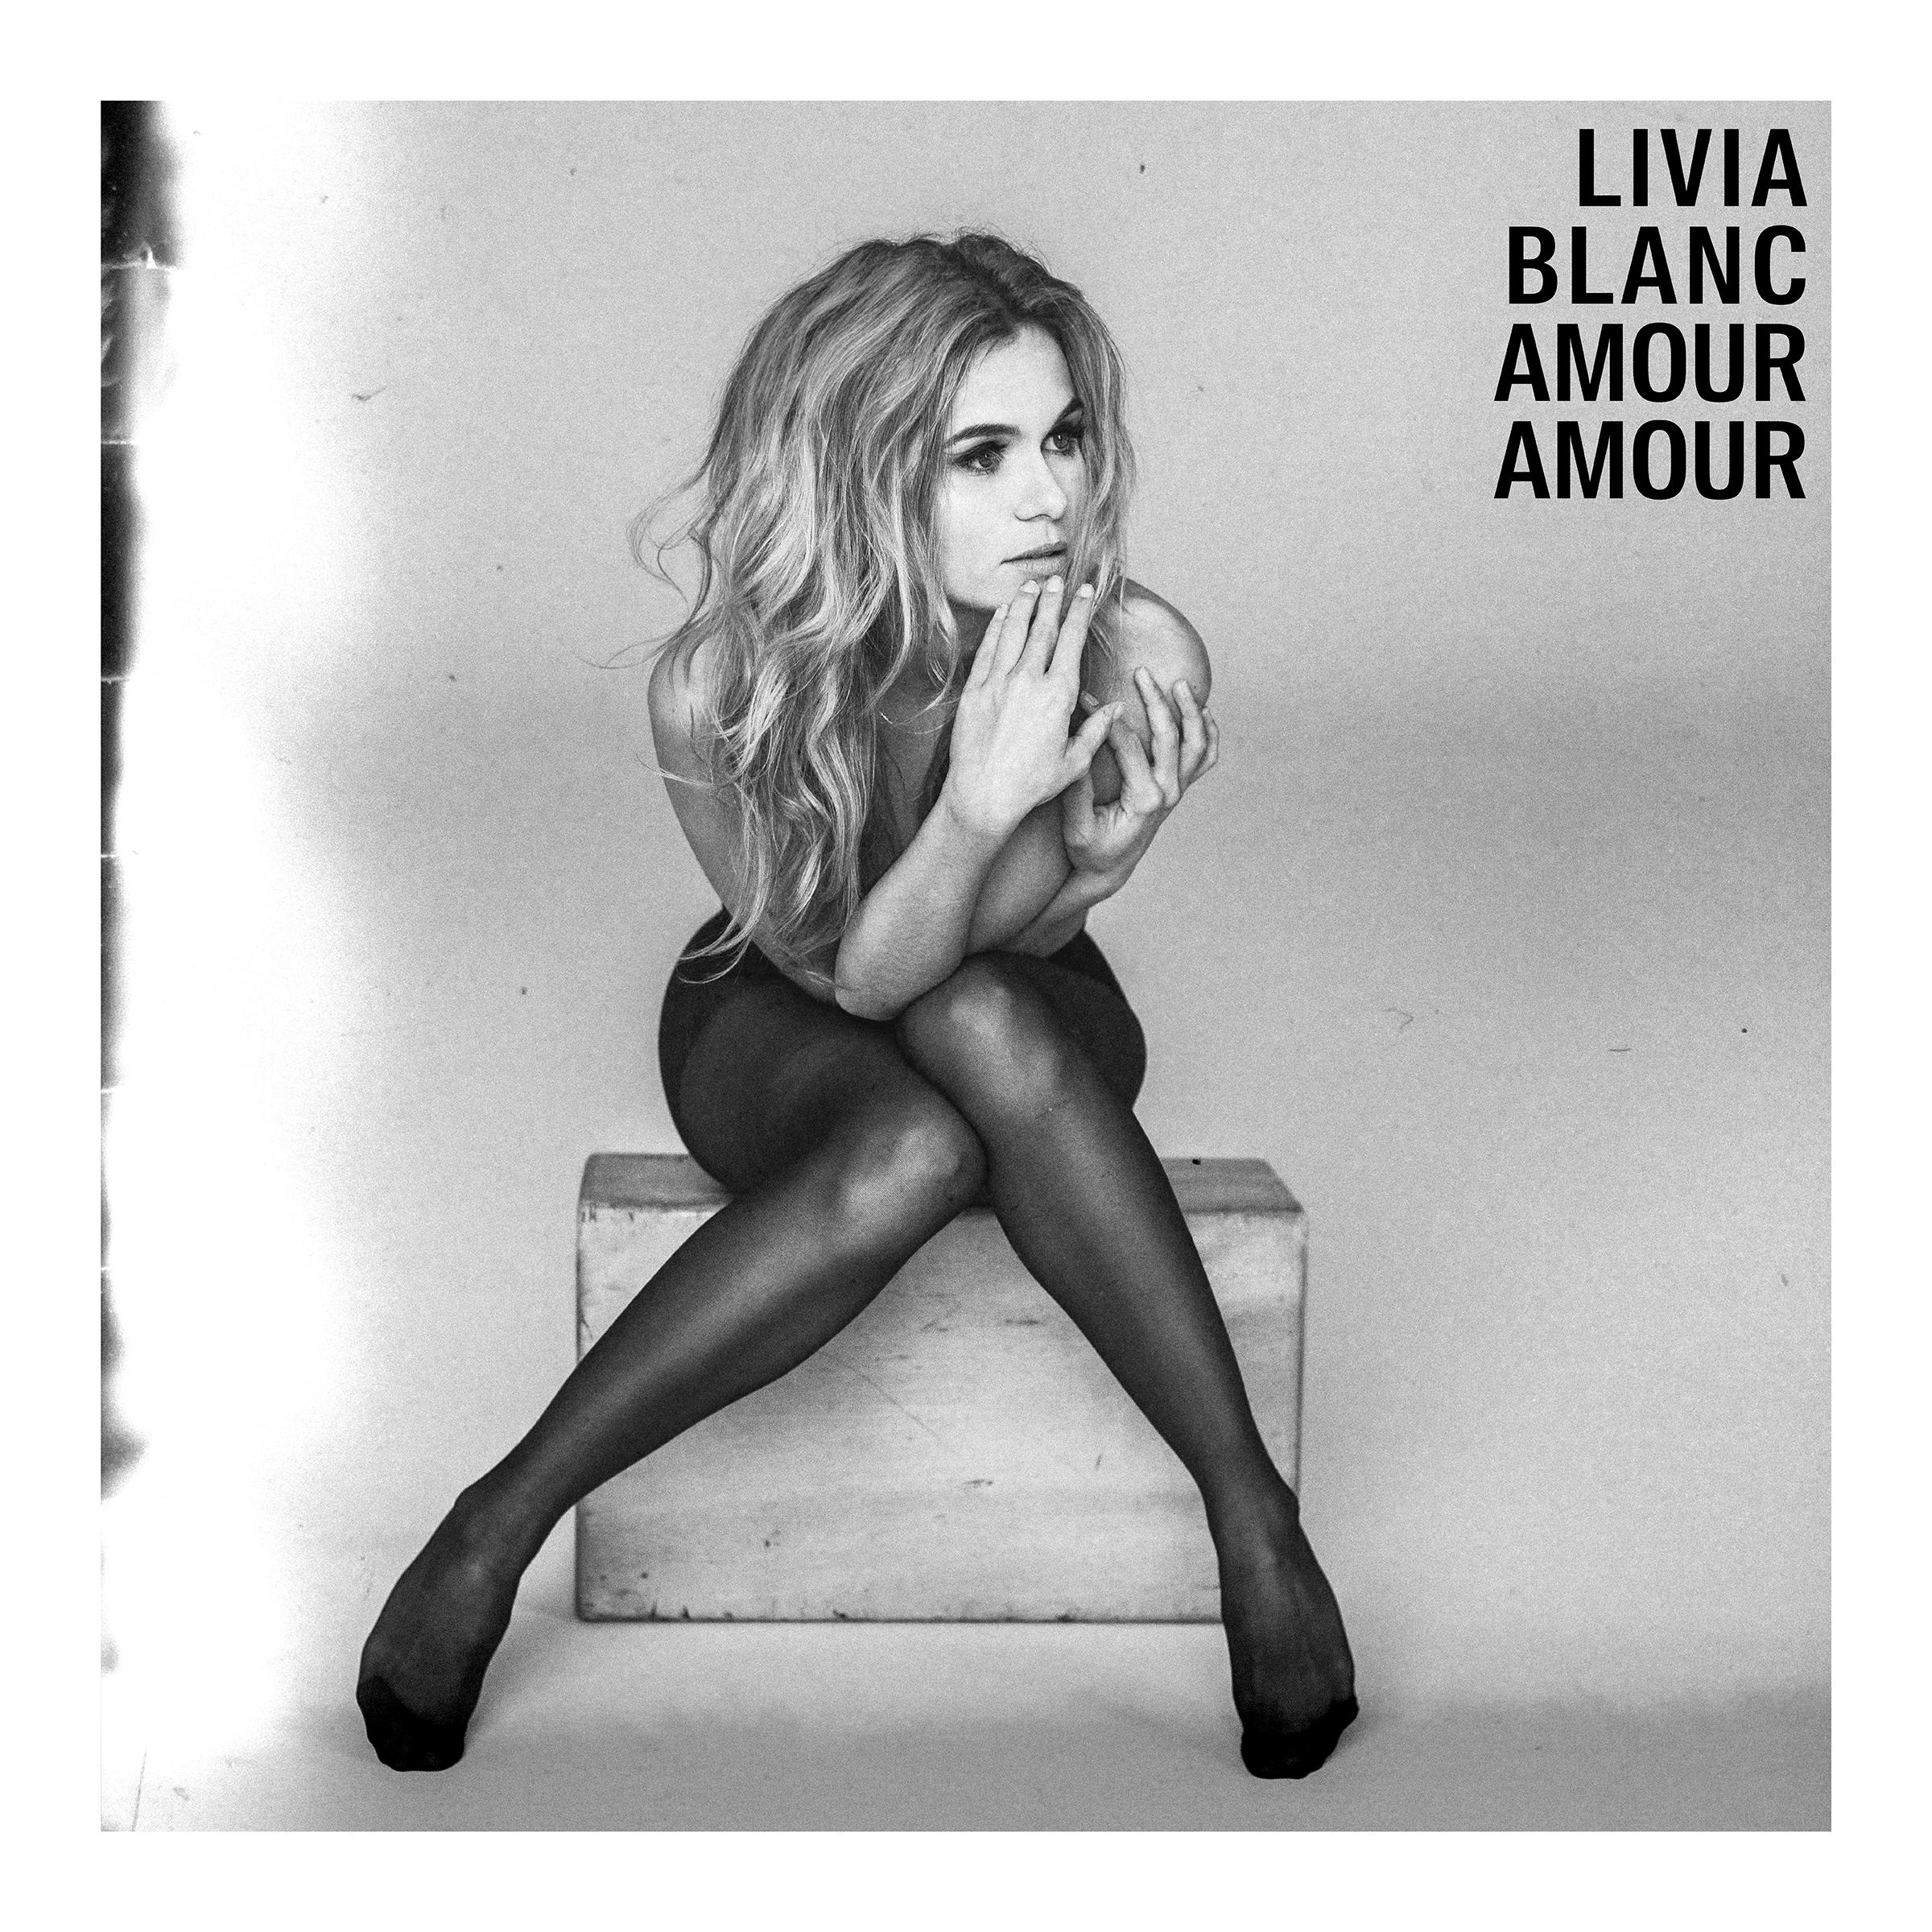 LIVIA_BLANC_album_cover_2400.jpg